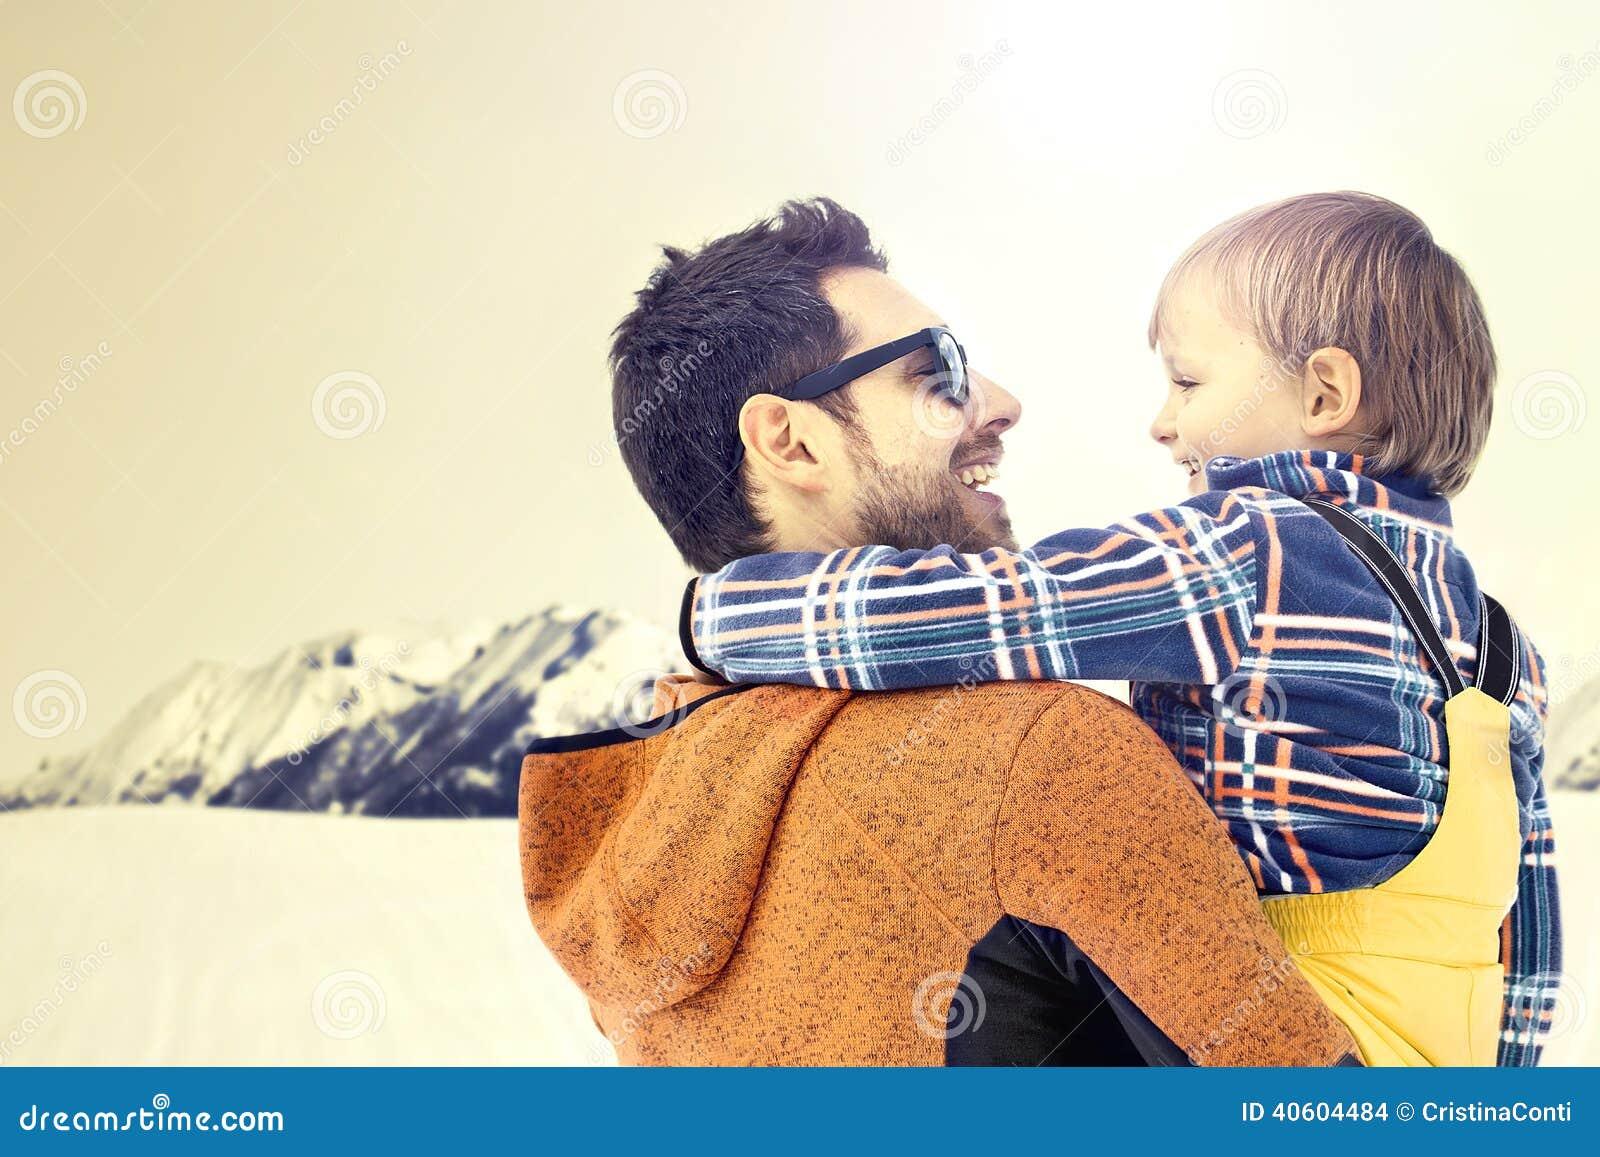 Bringen Sie das Interessieren seines Sohns zu den wanderfull Winterlandschaften hervor und wachsen